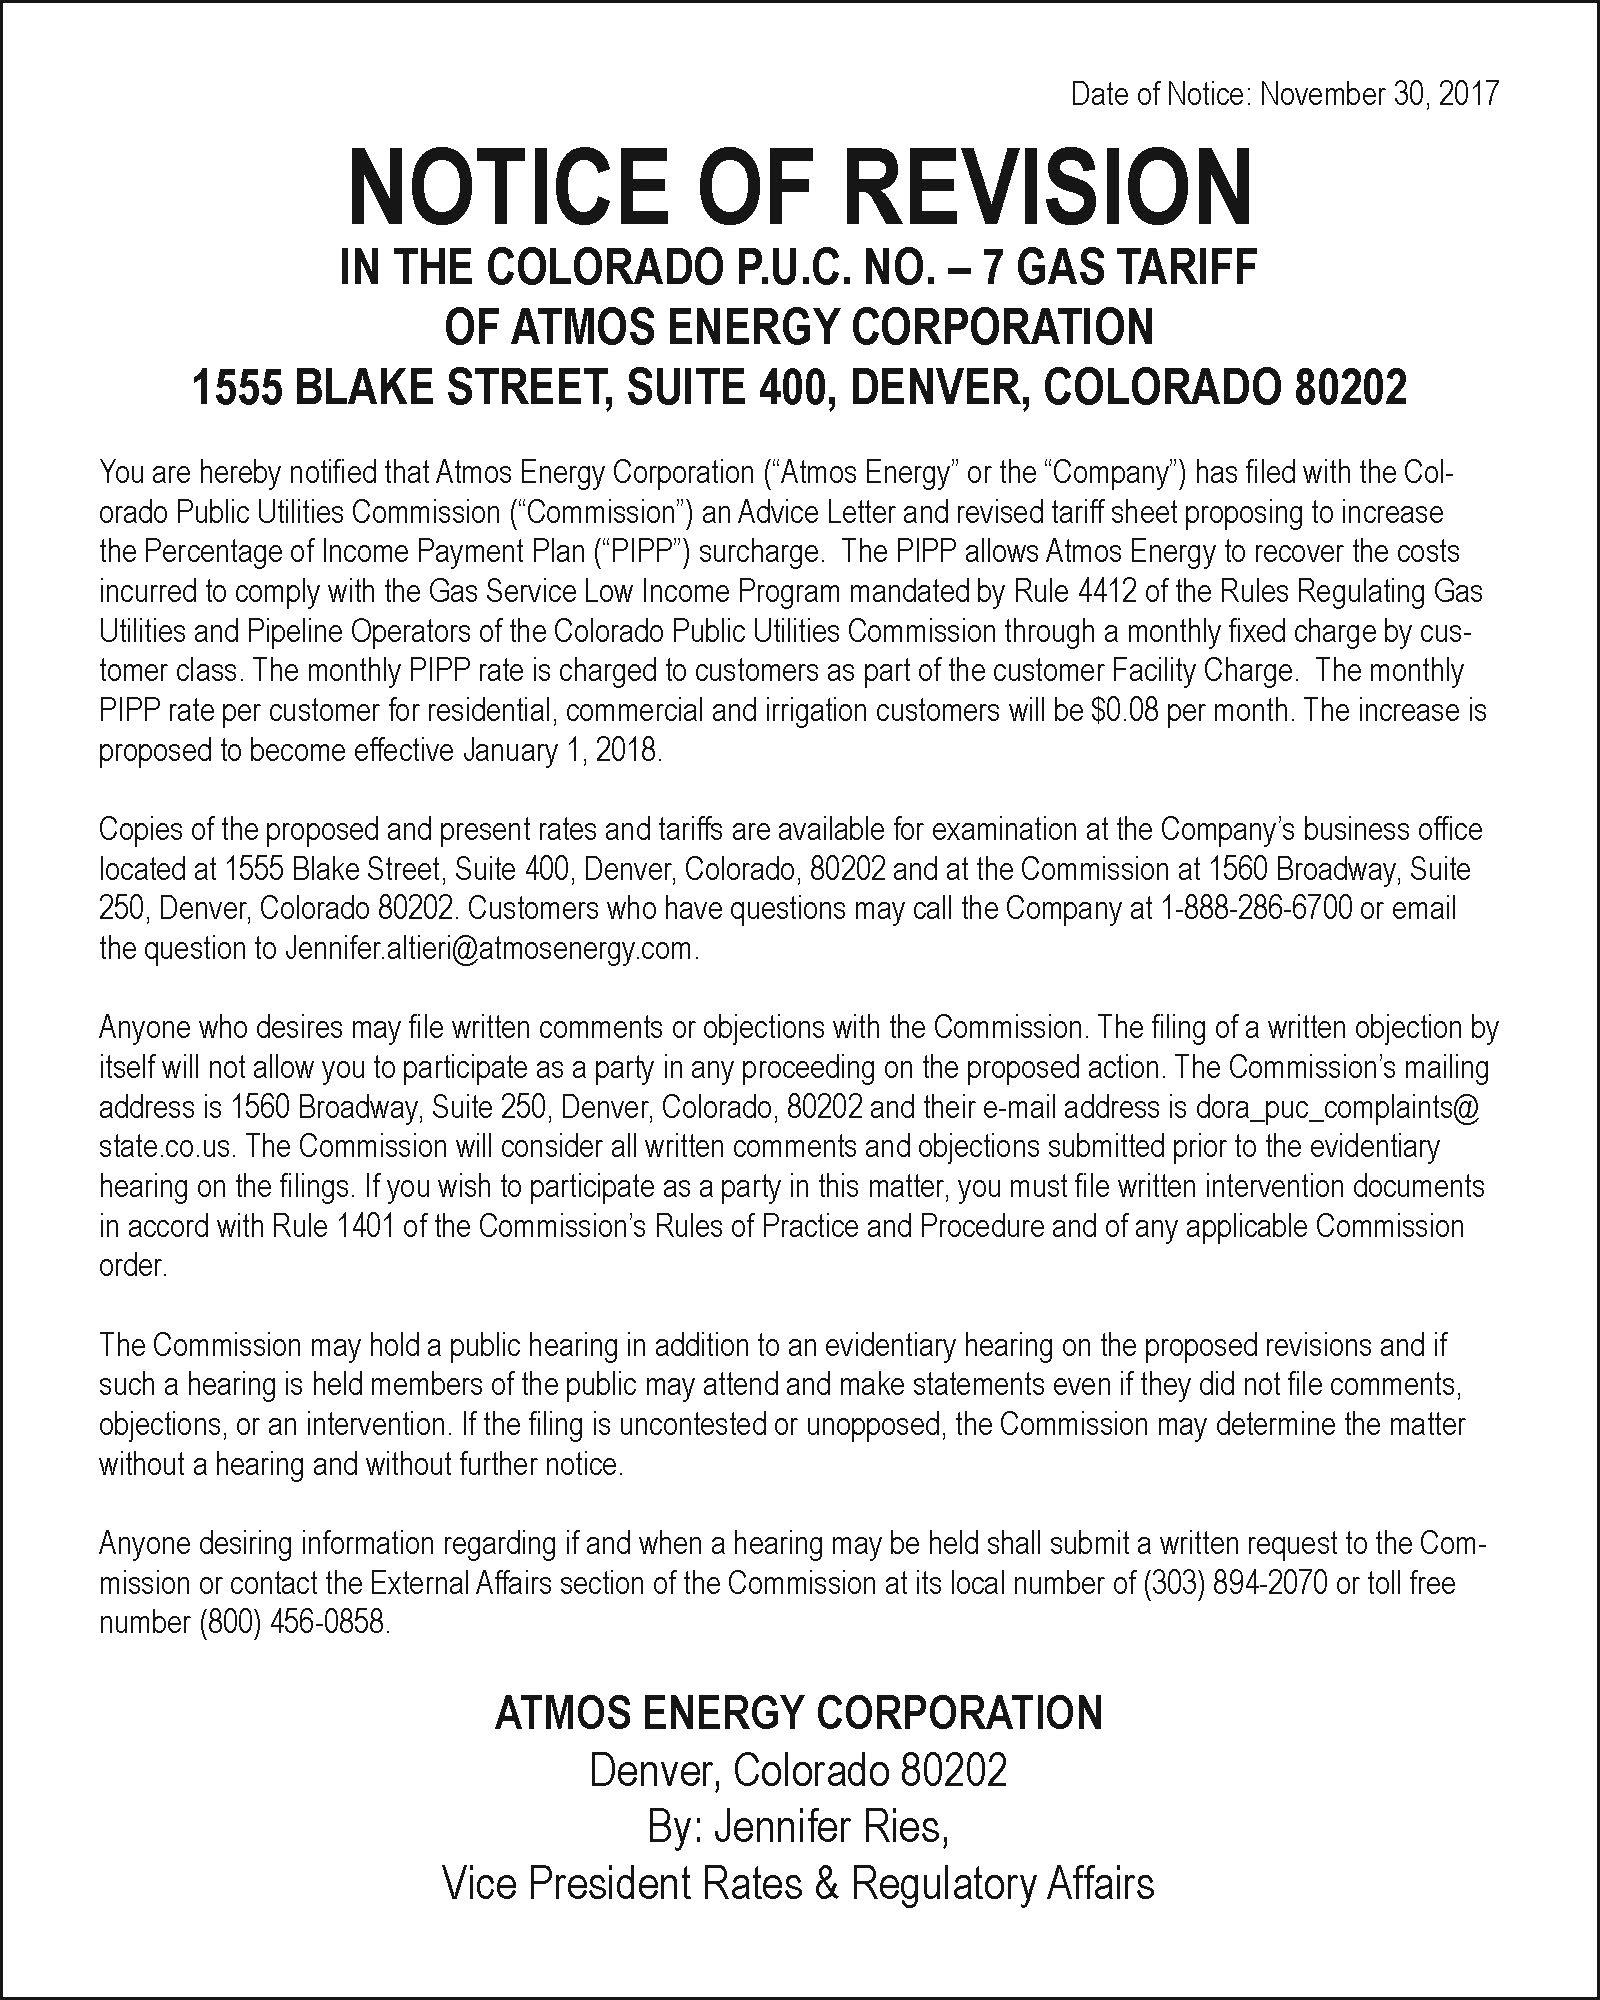 LEGAL - Atmos Energy December 22, 2017